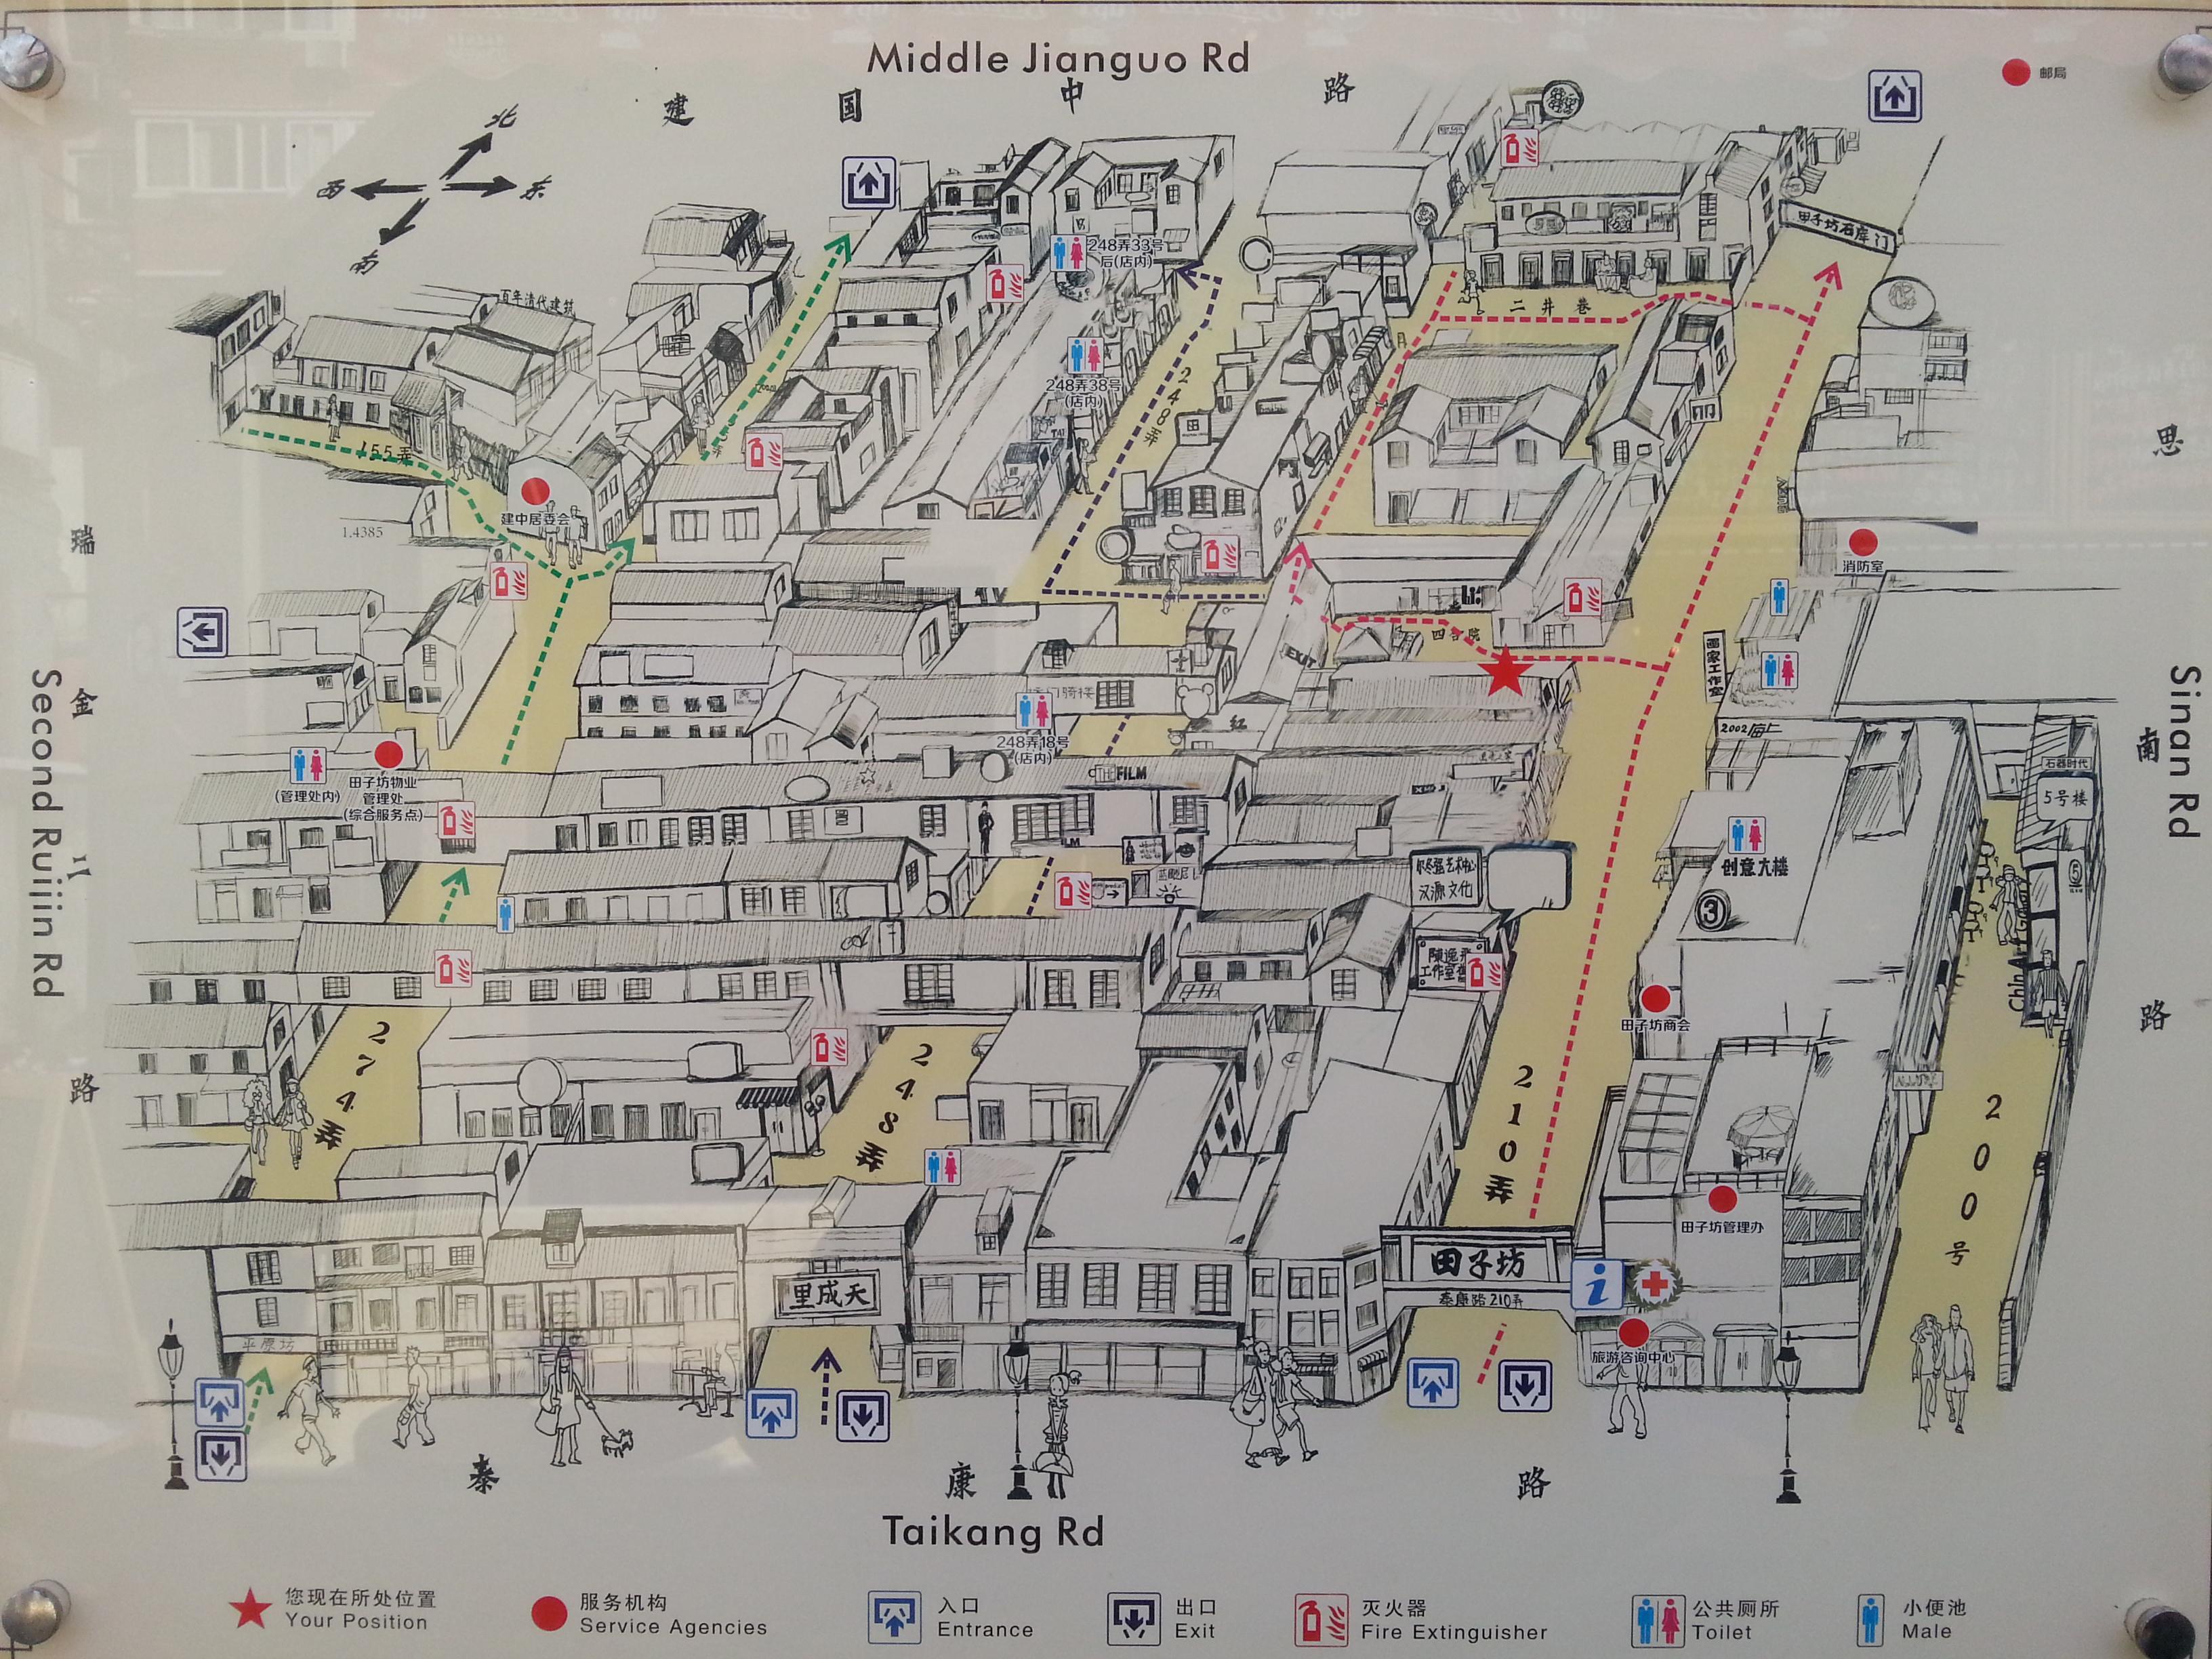 上海博物馆 博物馆可免费参观,但是小学生比较多 田子坊 里面很多